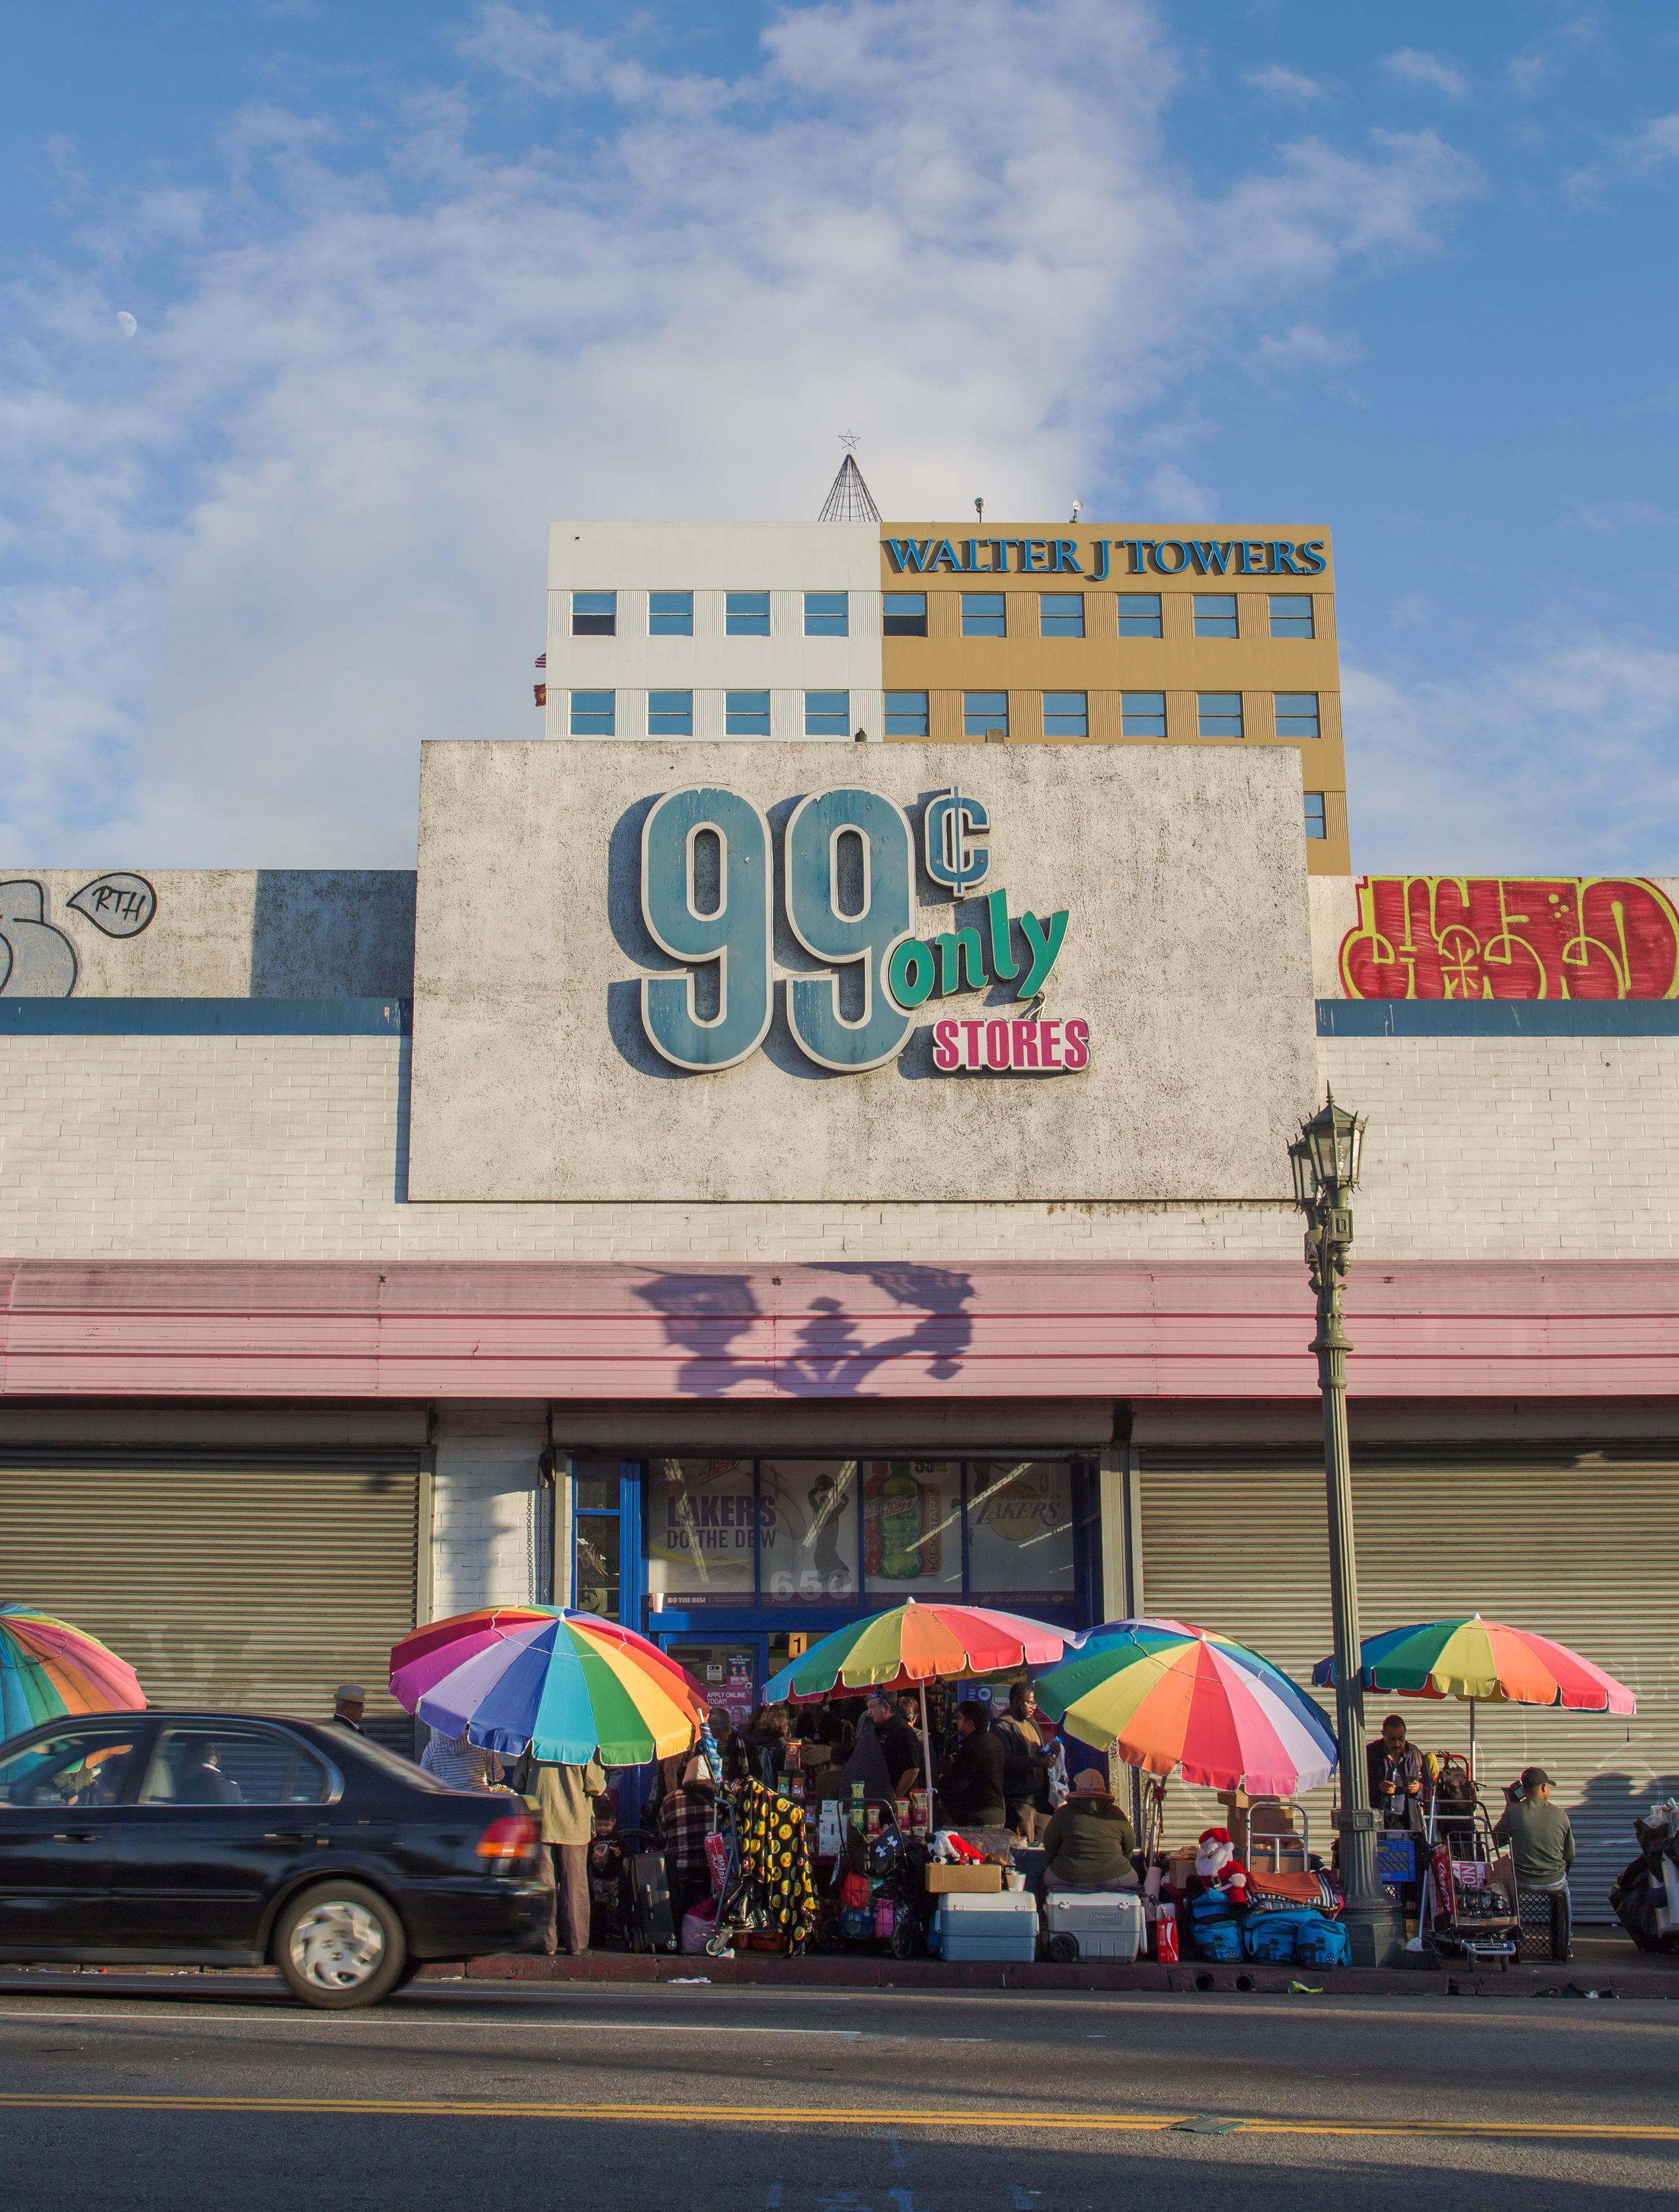 LA STREET VENDORS |  THE NEW YORK TIMES